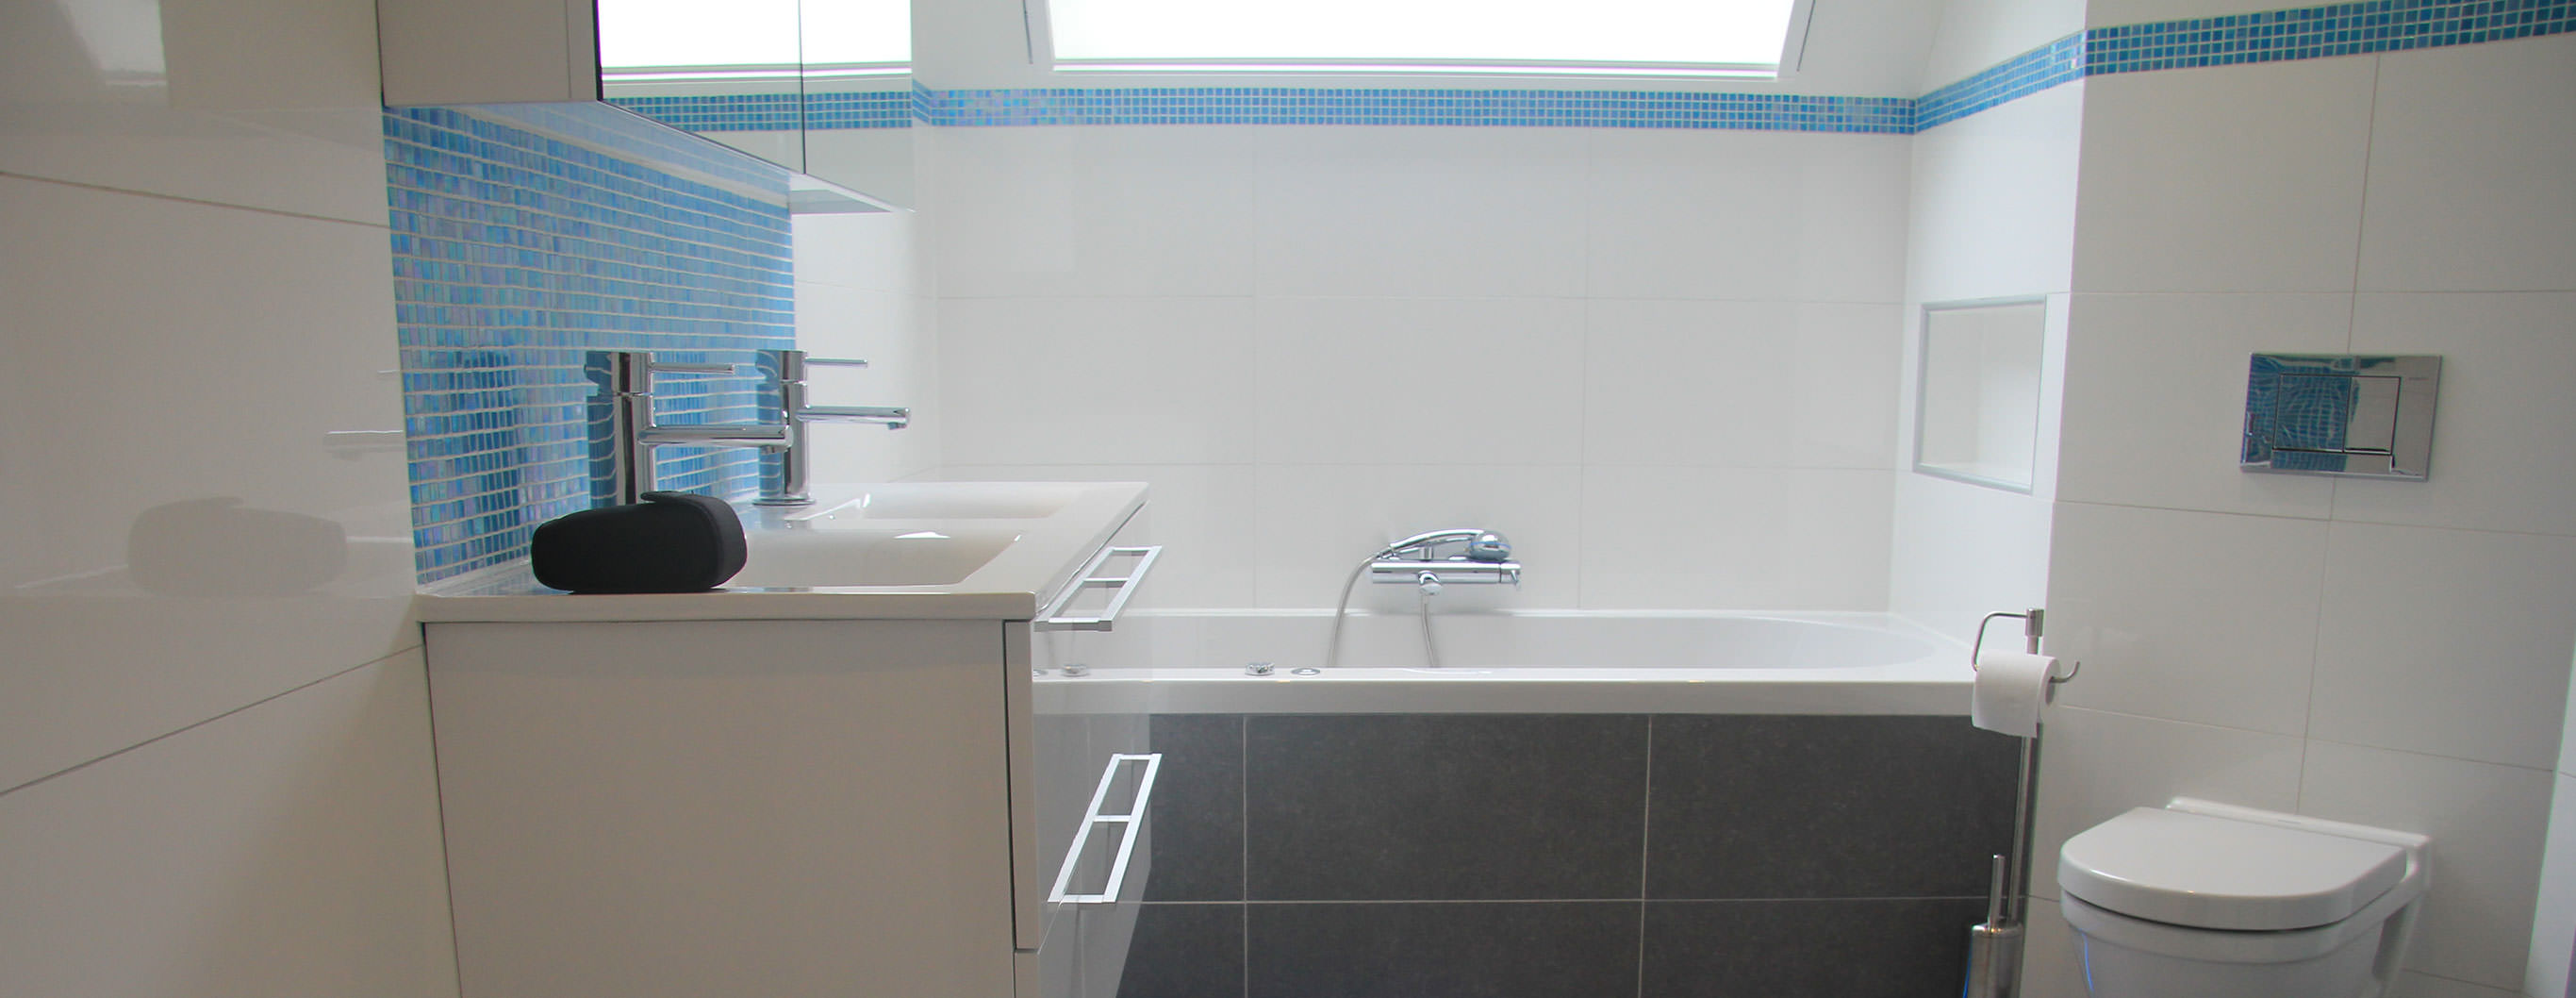 nl funvit design kleine keuken